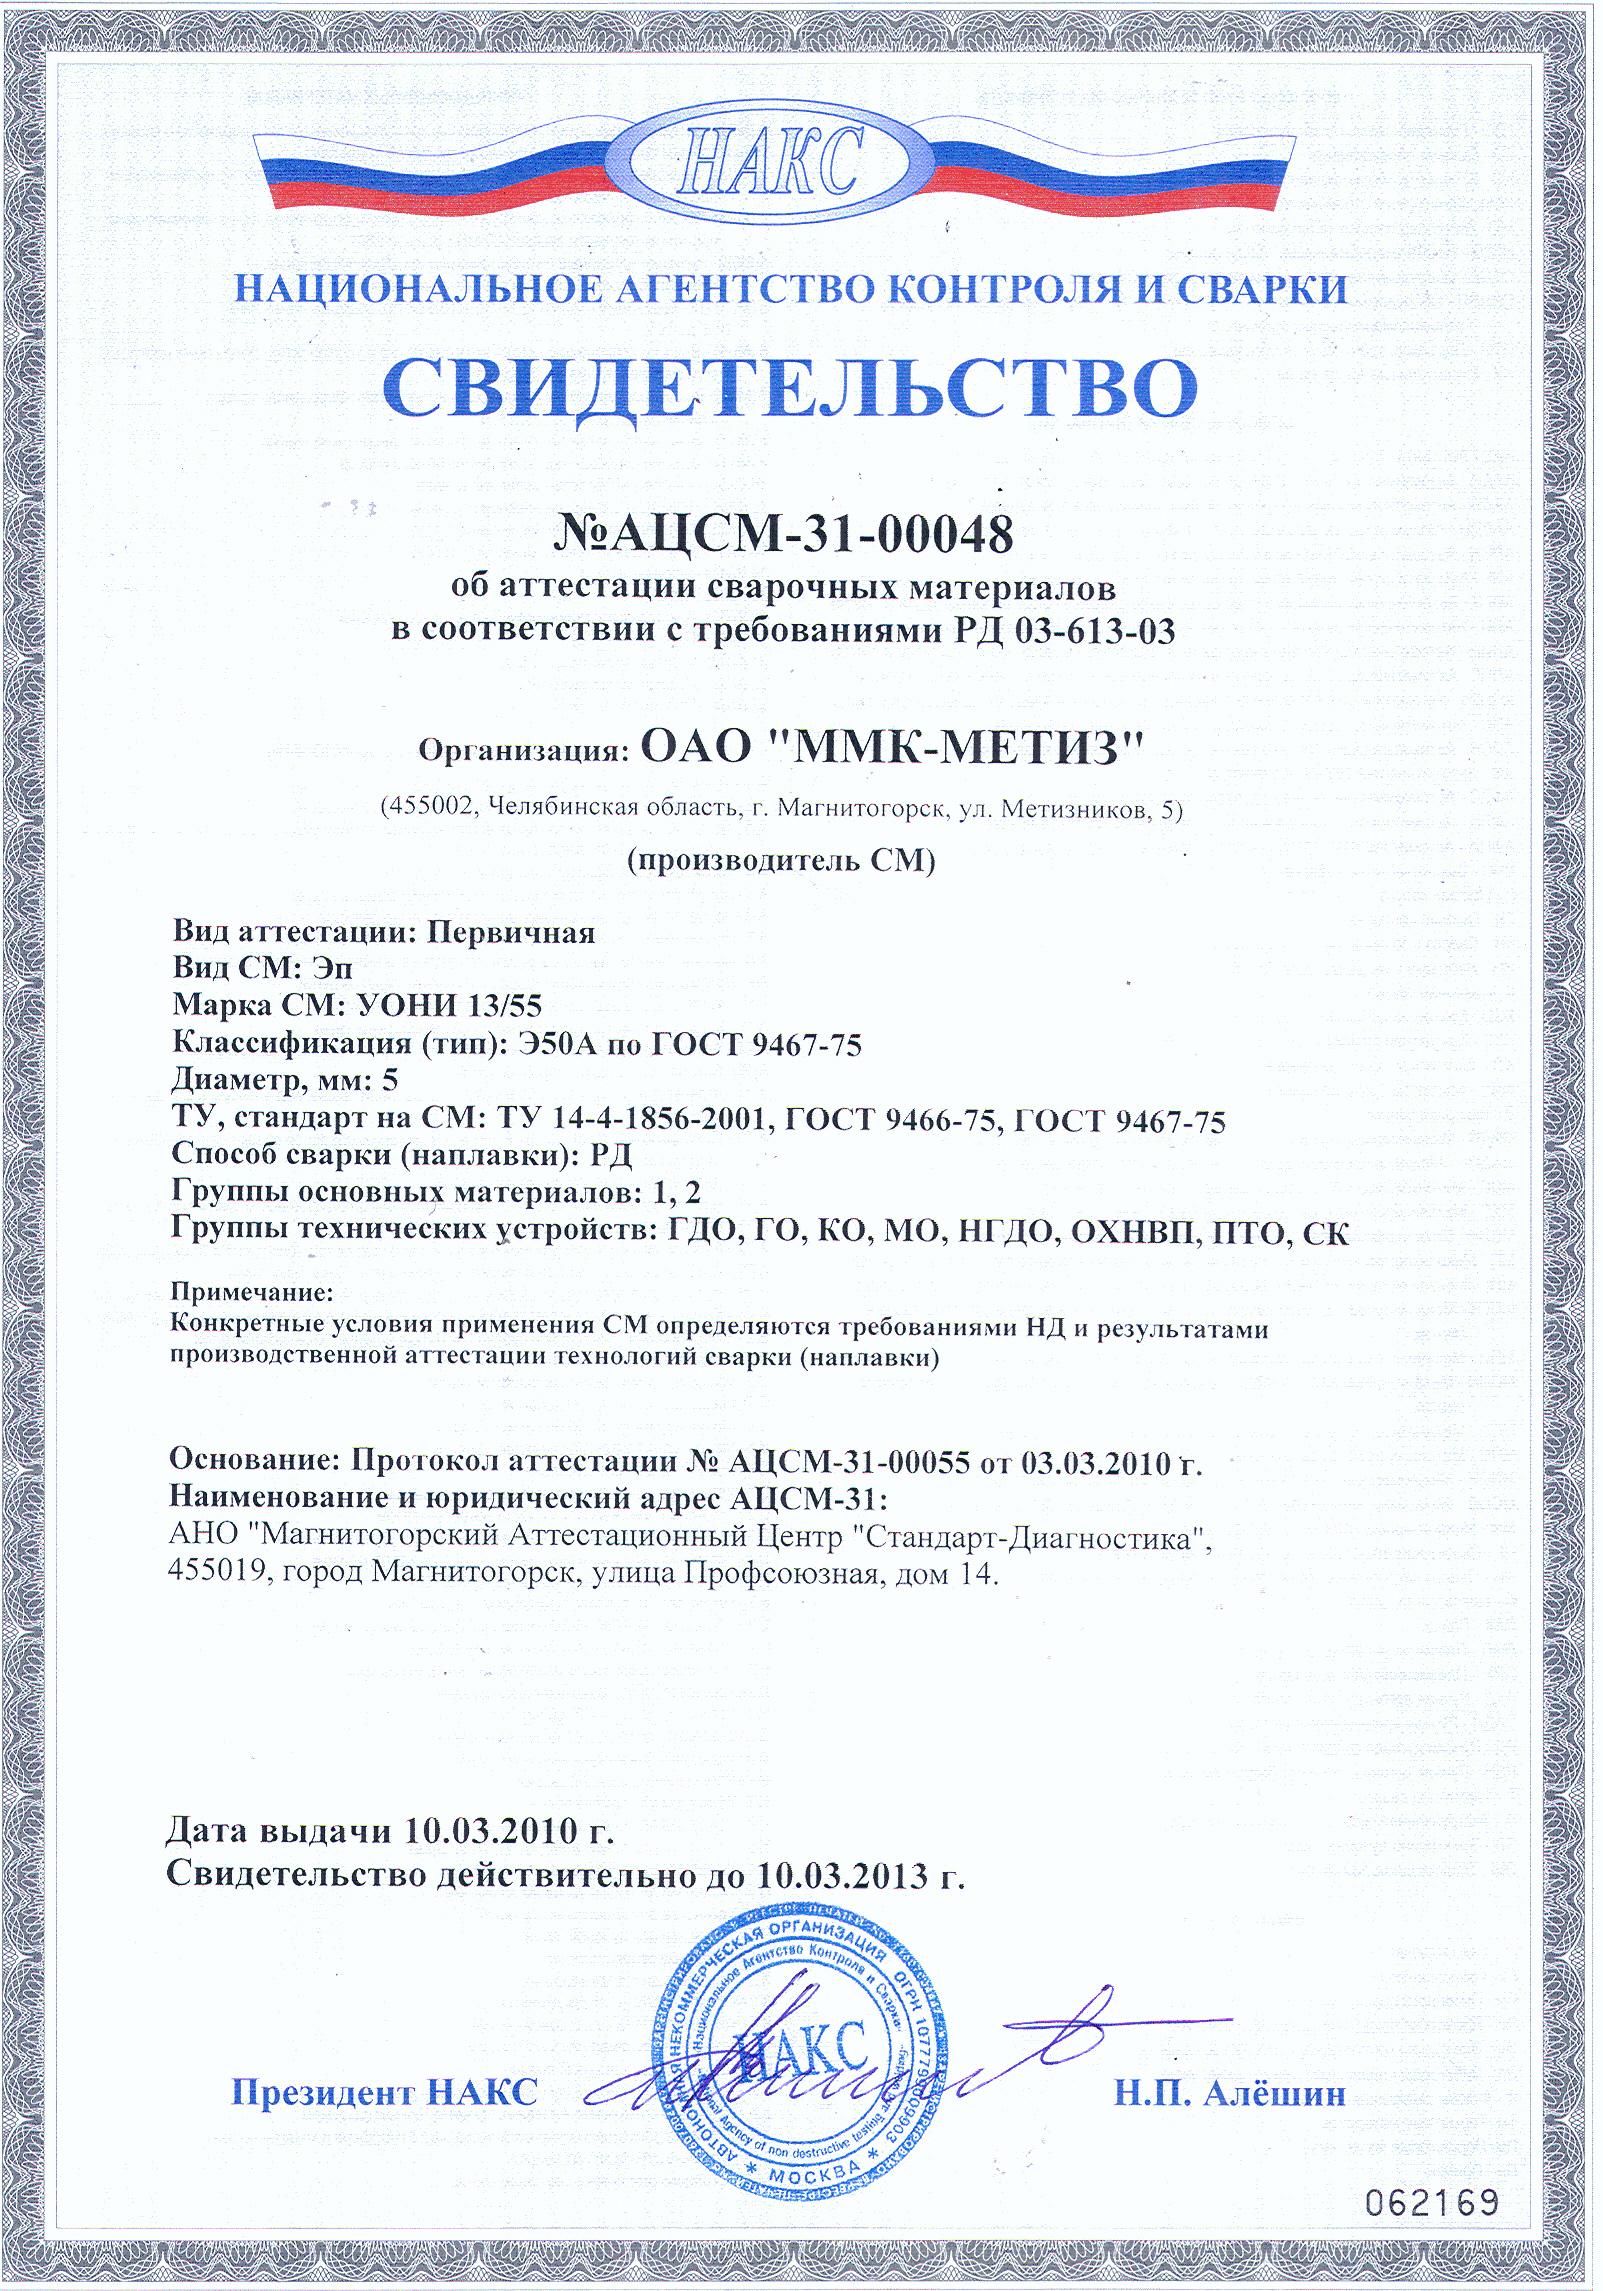 Купить электроды сварочные уони-13/55 d 3,0 мм лэз гост 9466-75.